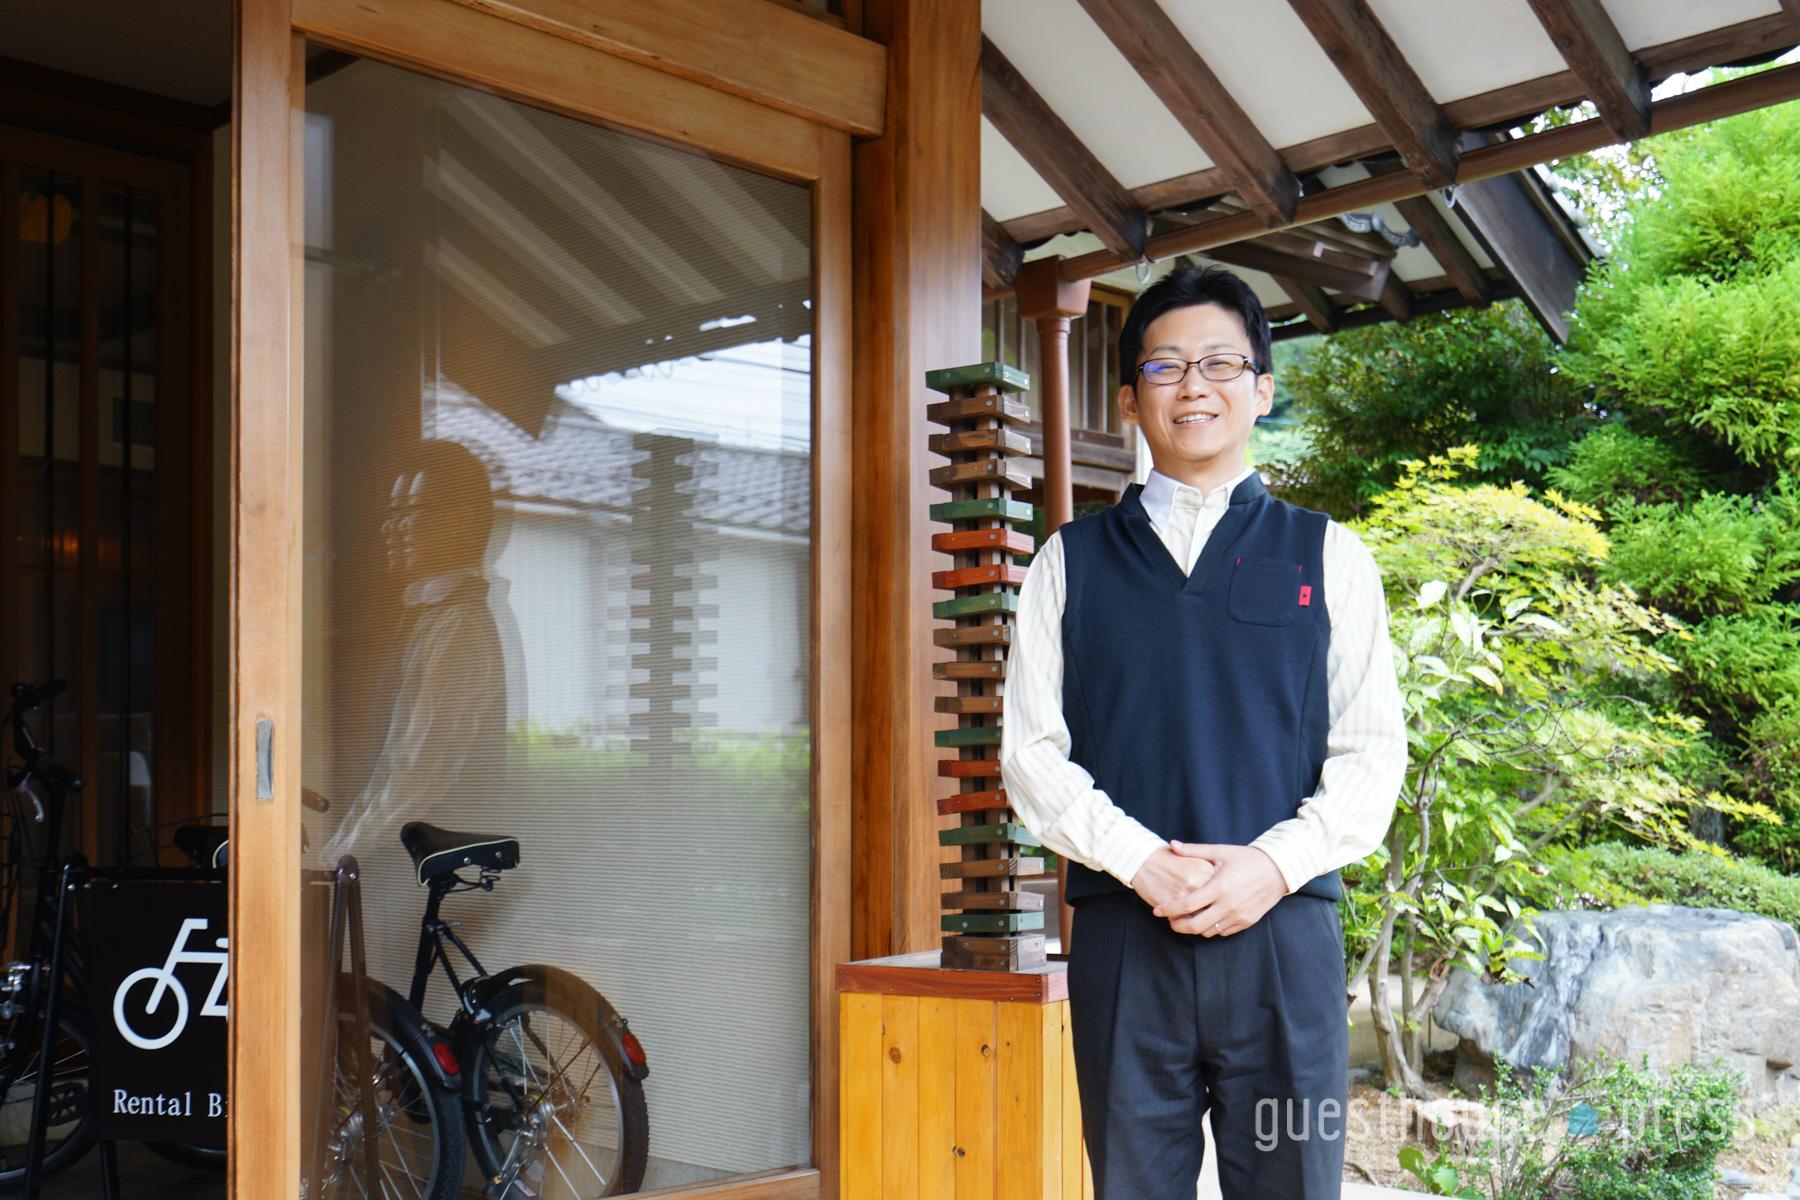 伊藤さんは終始笑顔で応対いただきました。接客のプロフェッショナル!